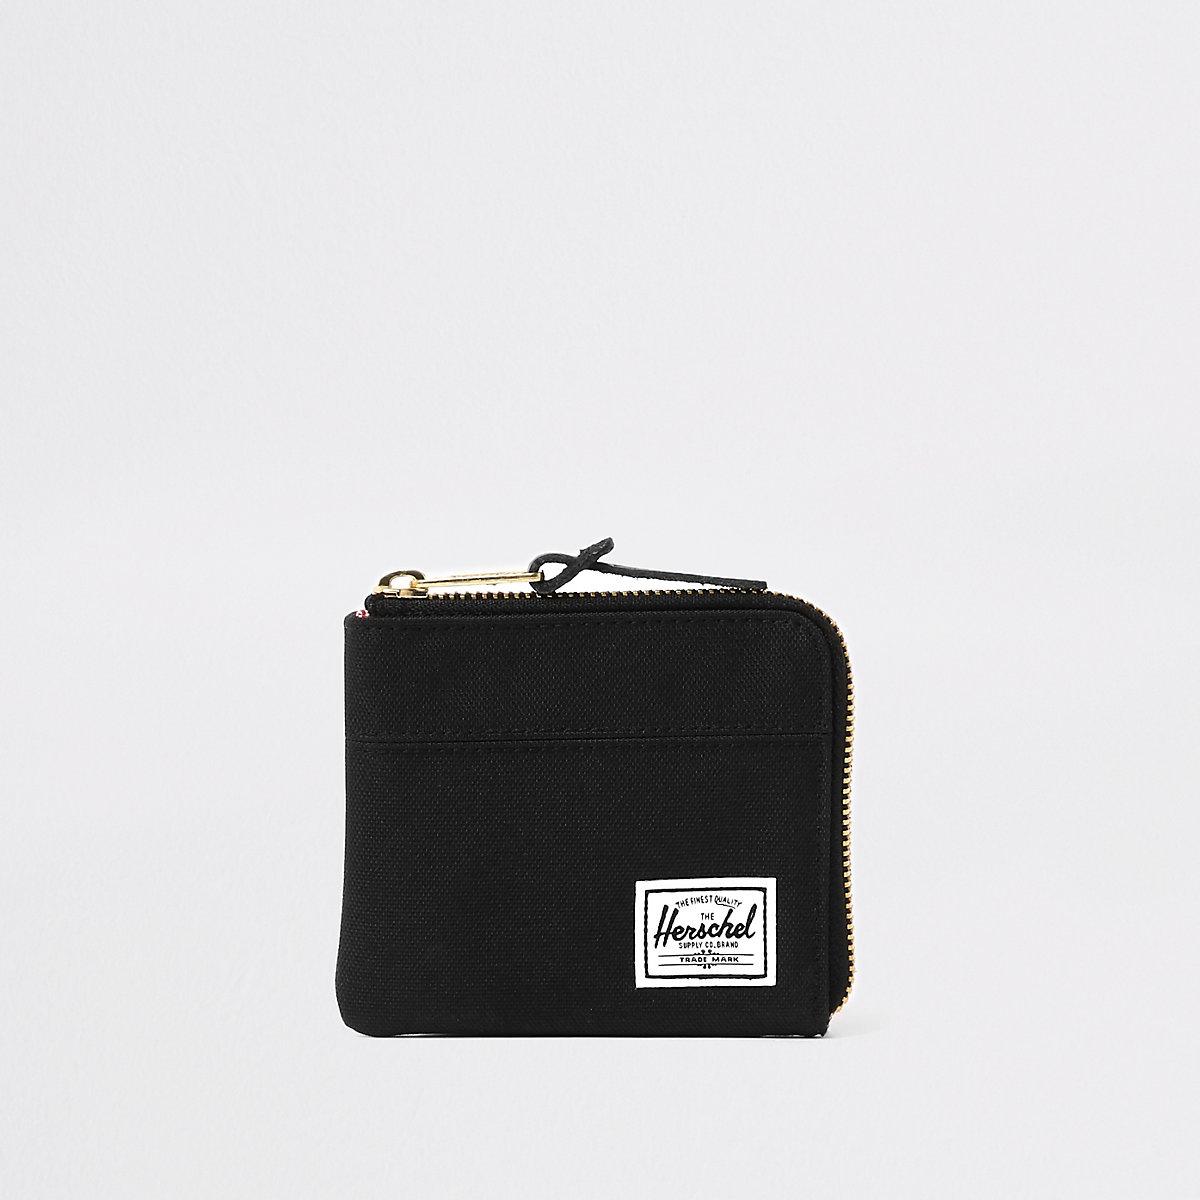 Herschel black Johnny zip wallet